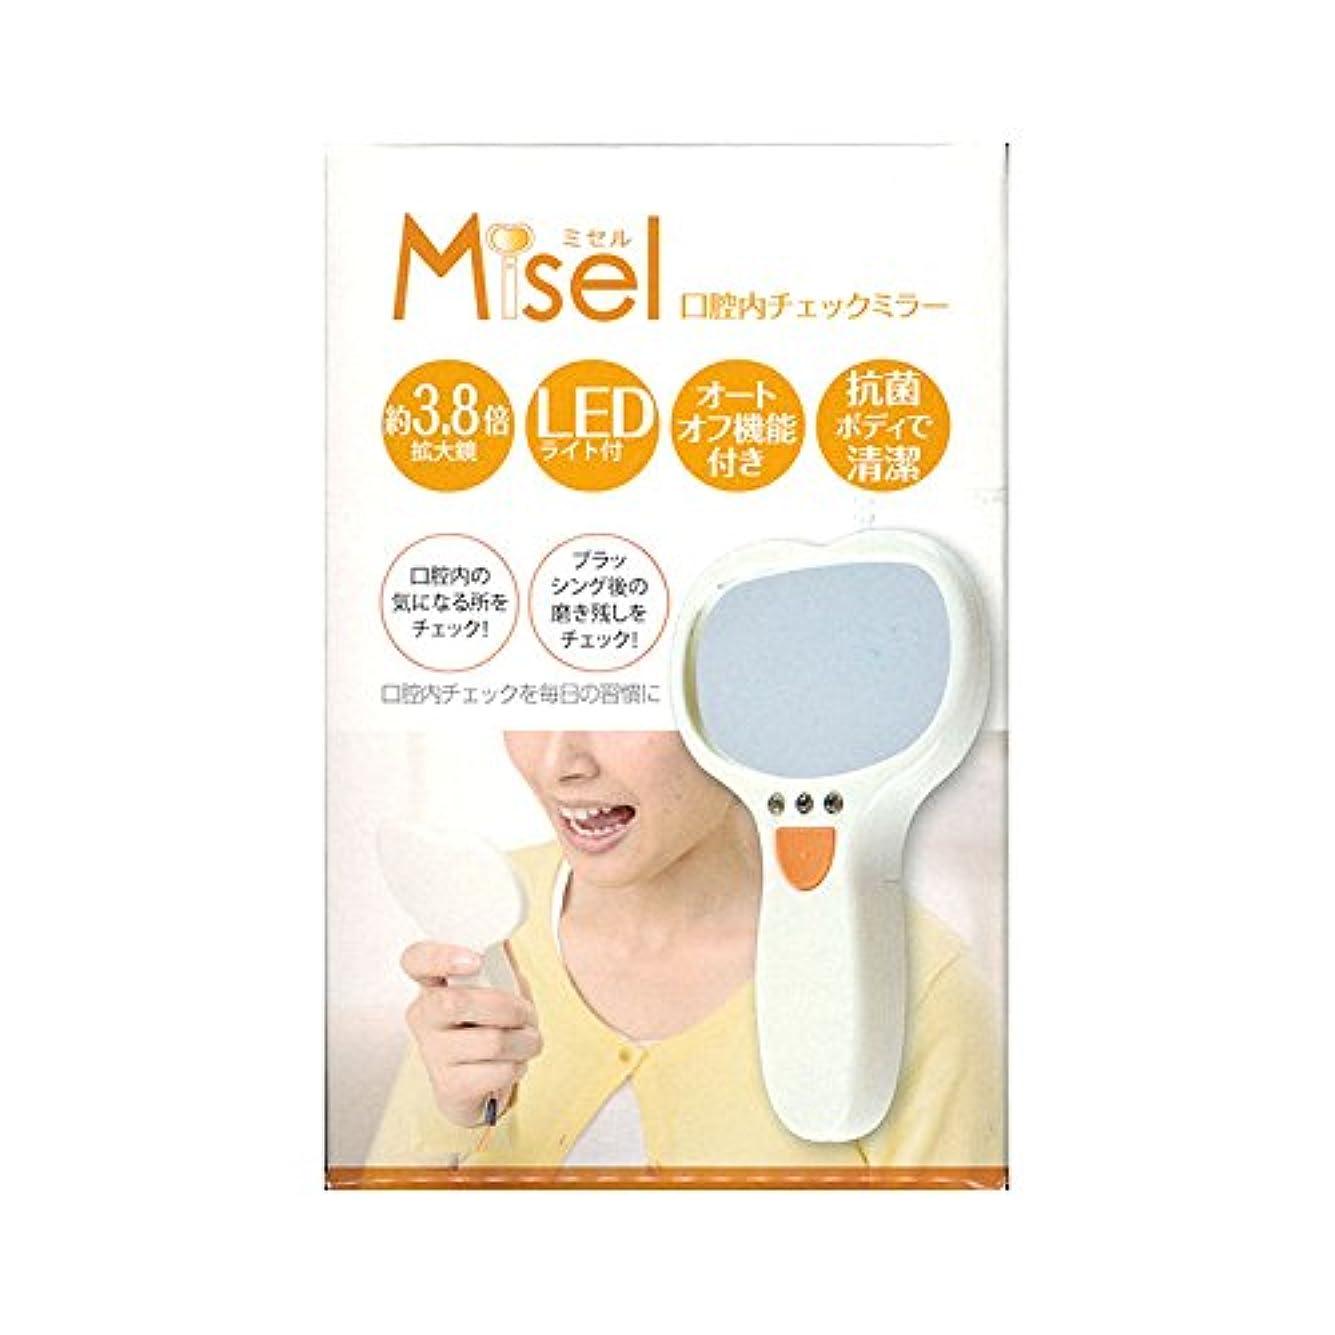 ひもこれら反発する口腔内チェックミラー ミセル Misel